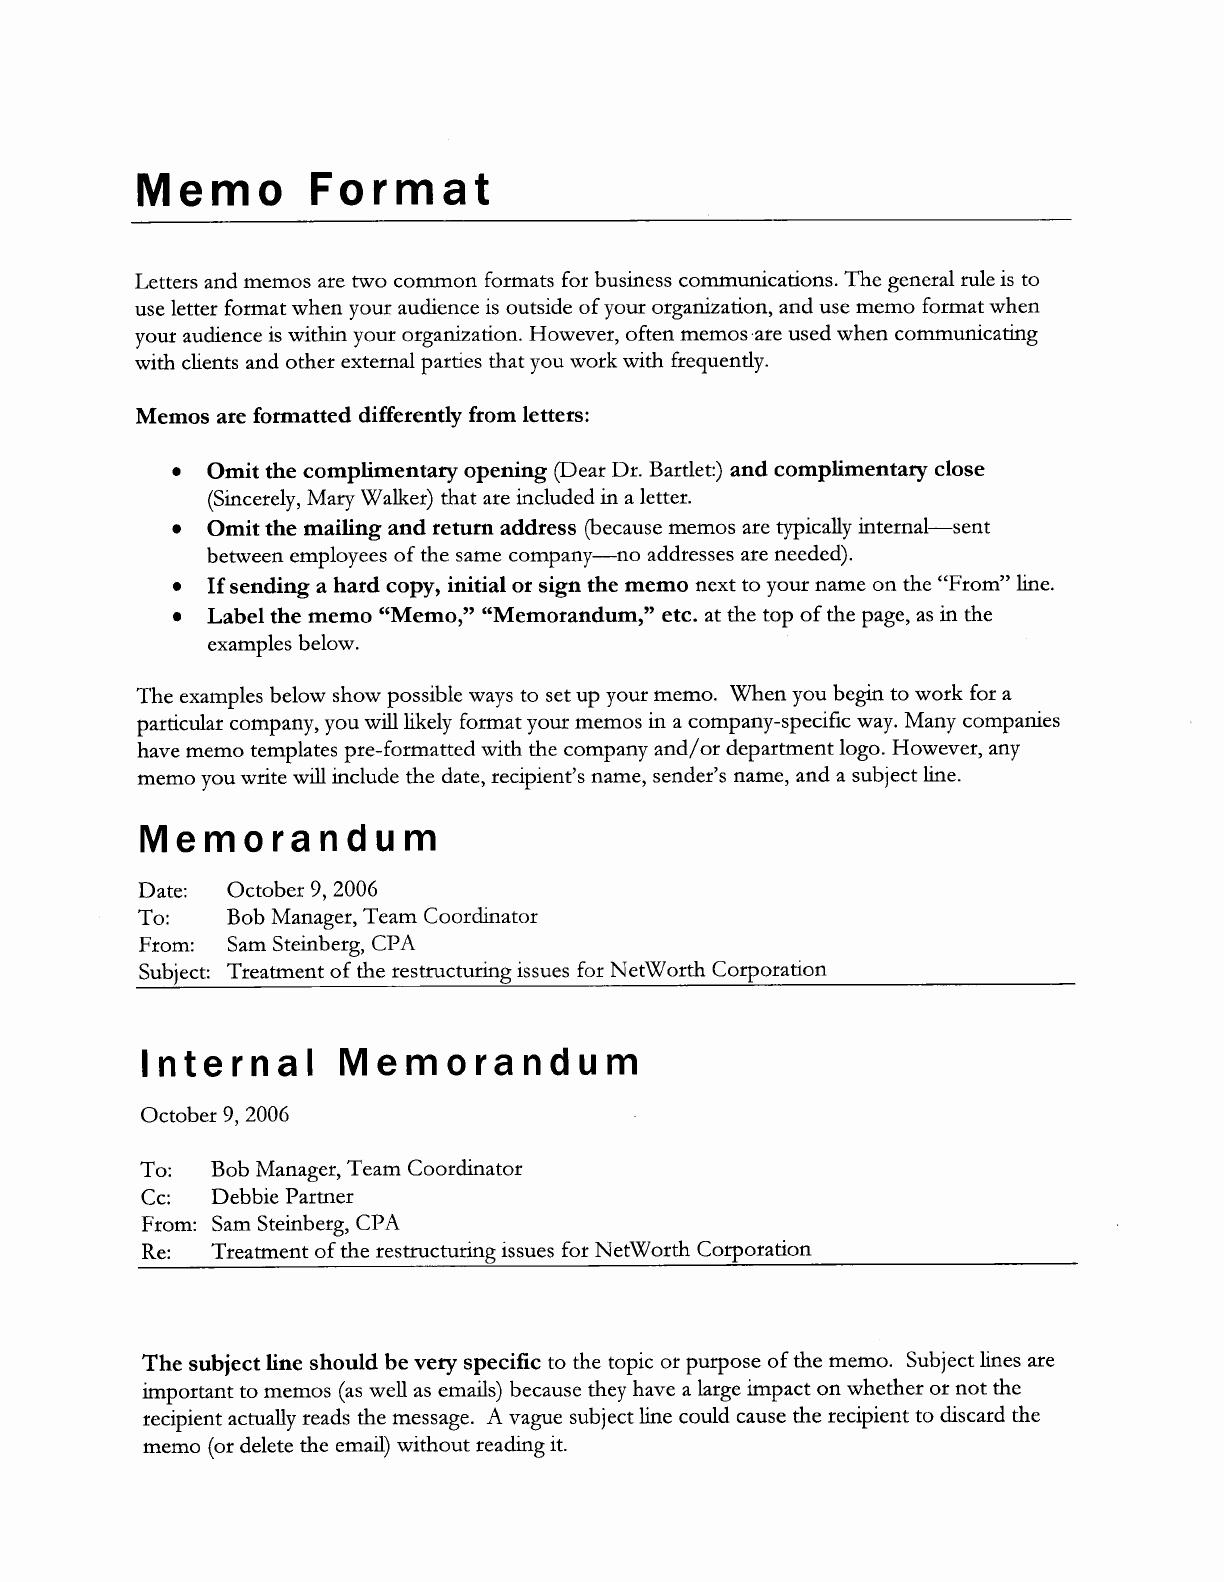 Format Of A Business Memorandum Best Of How is A Business Memo format Written